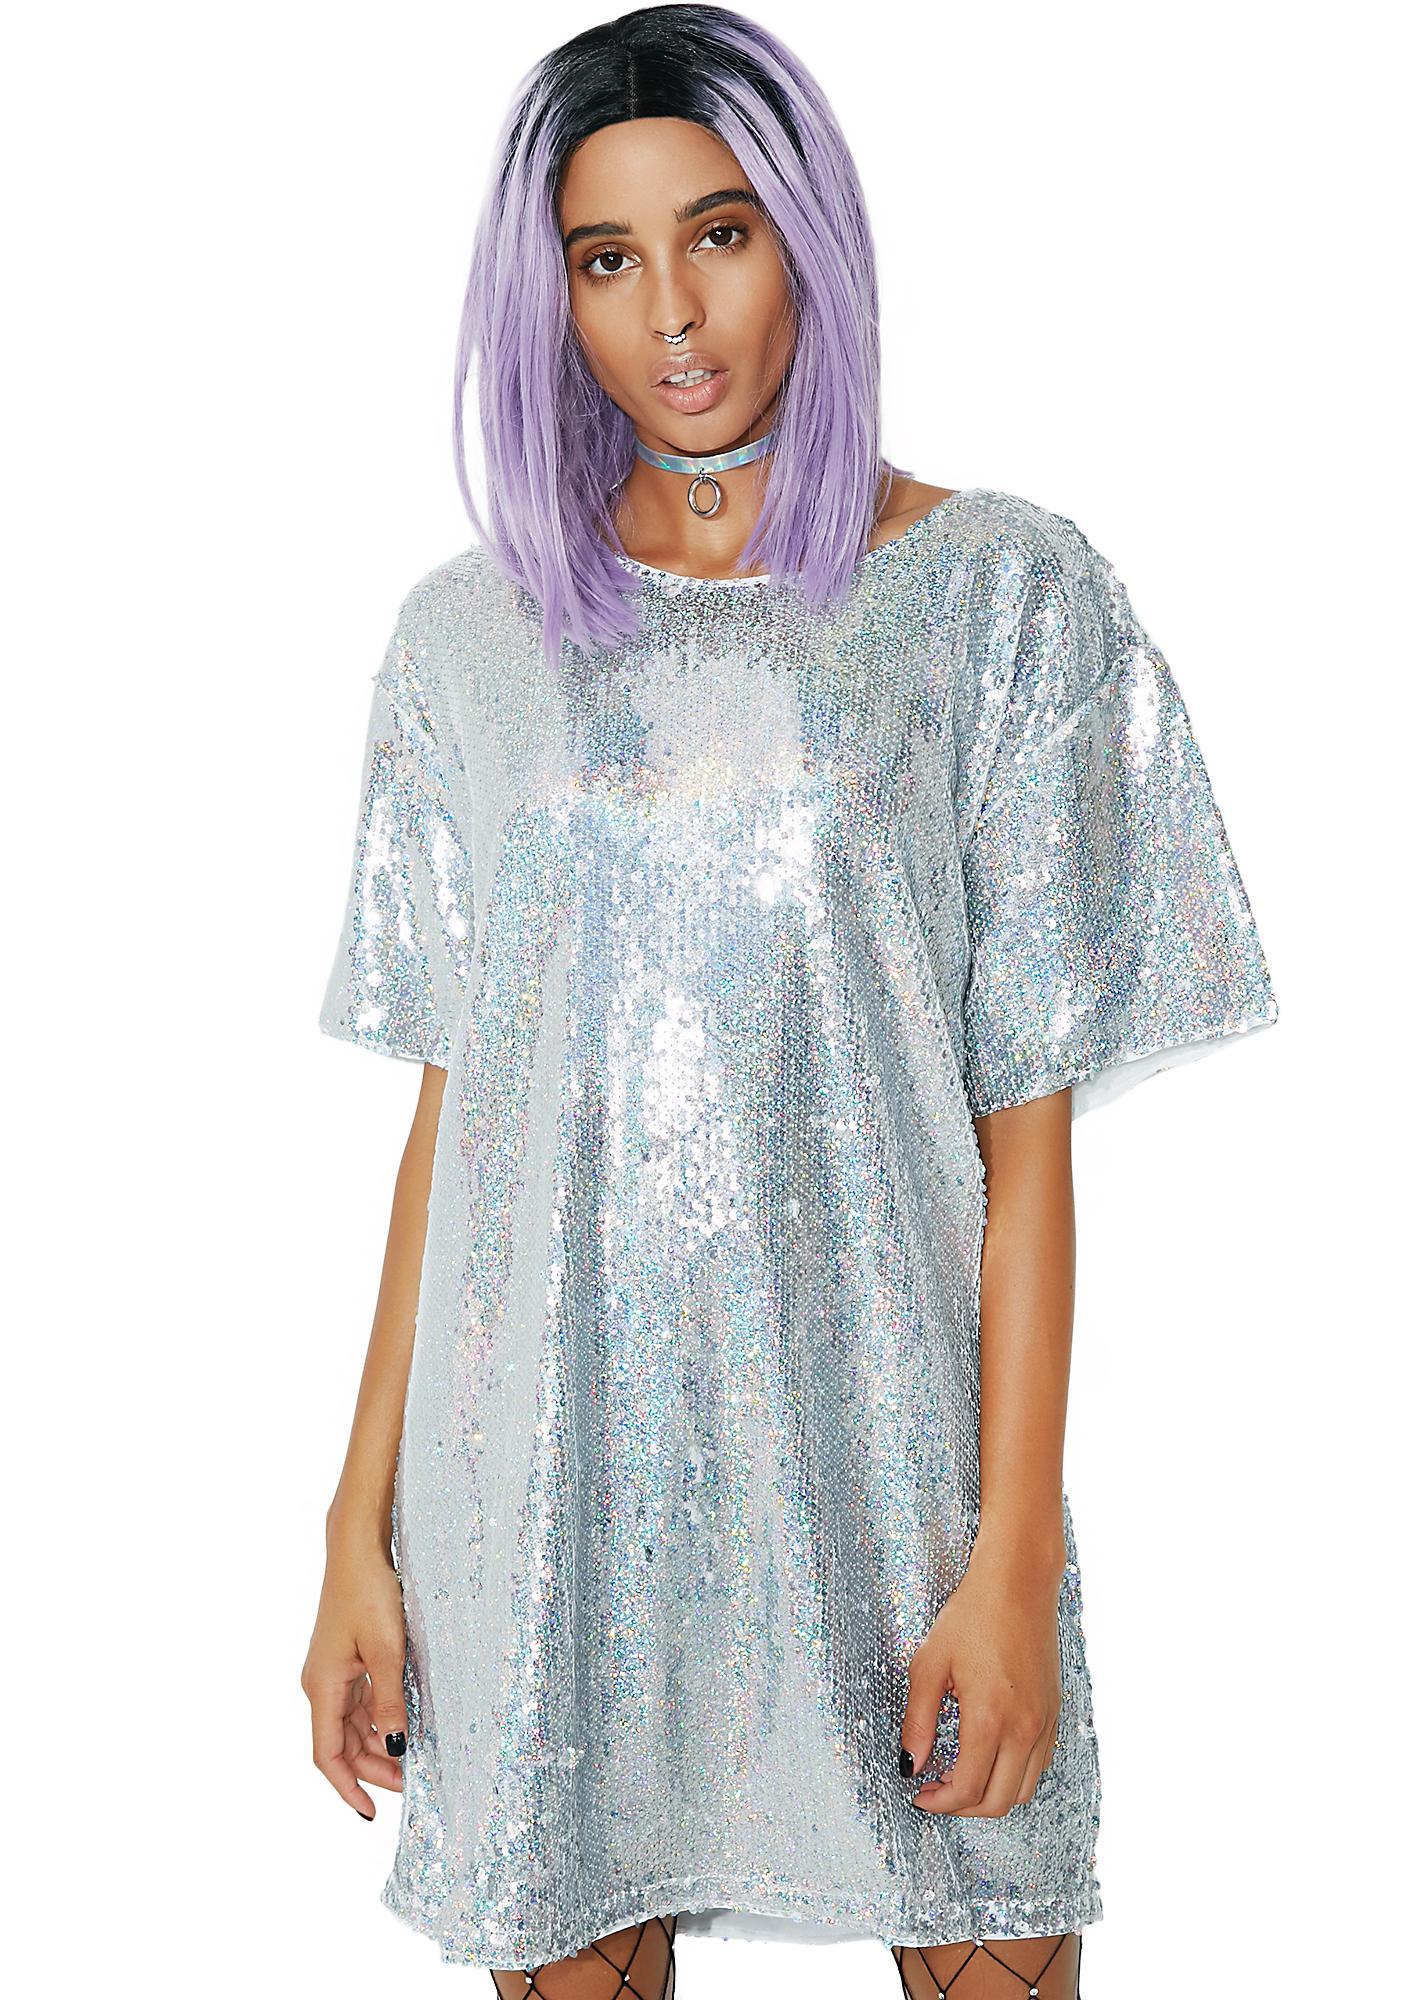 Sequin Silver T Shirt Dress | Dolls Kill